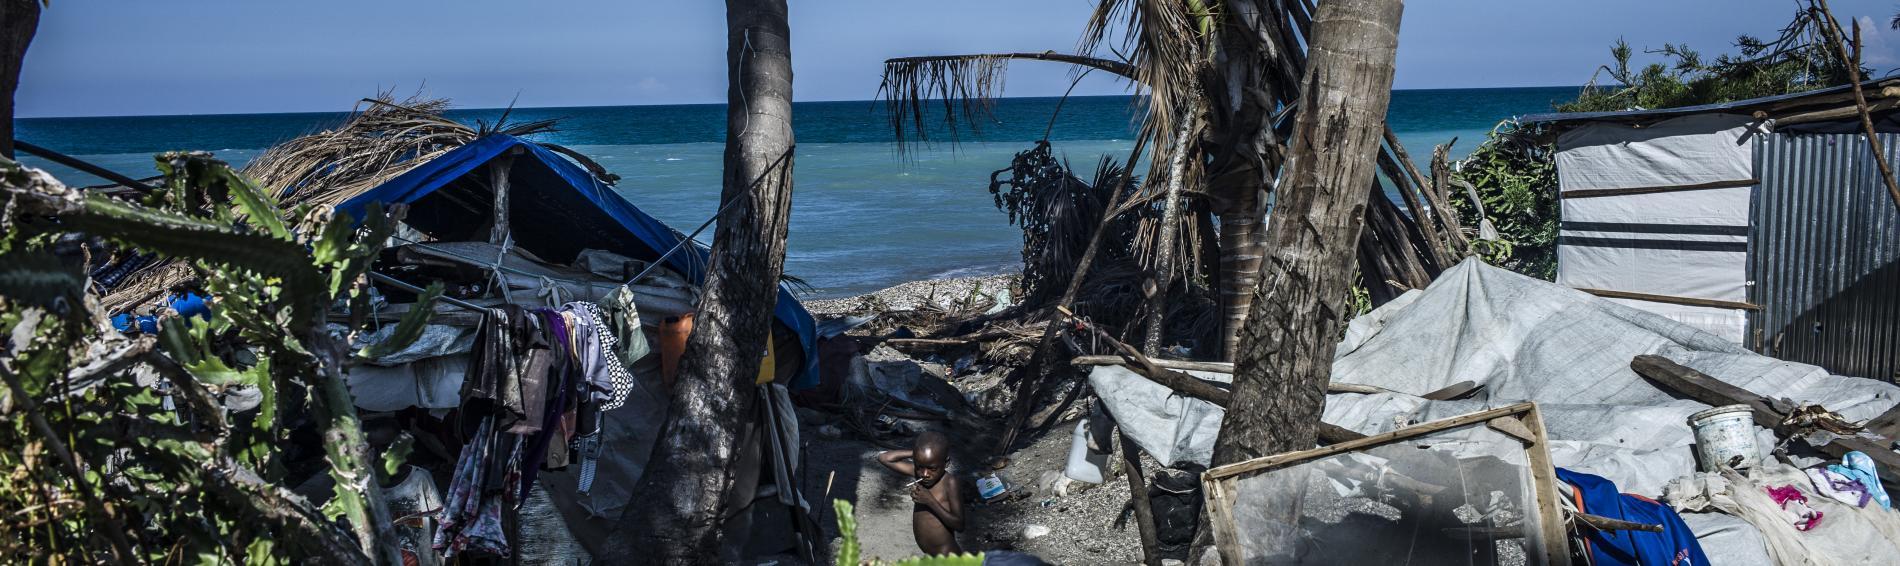 Überleben nach dem Sturm. Foto: Oliver Papegnies